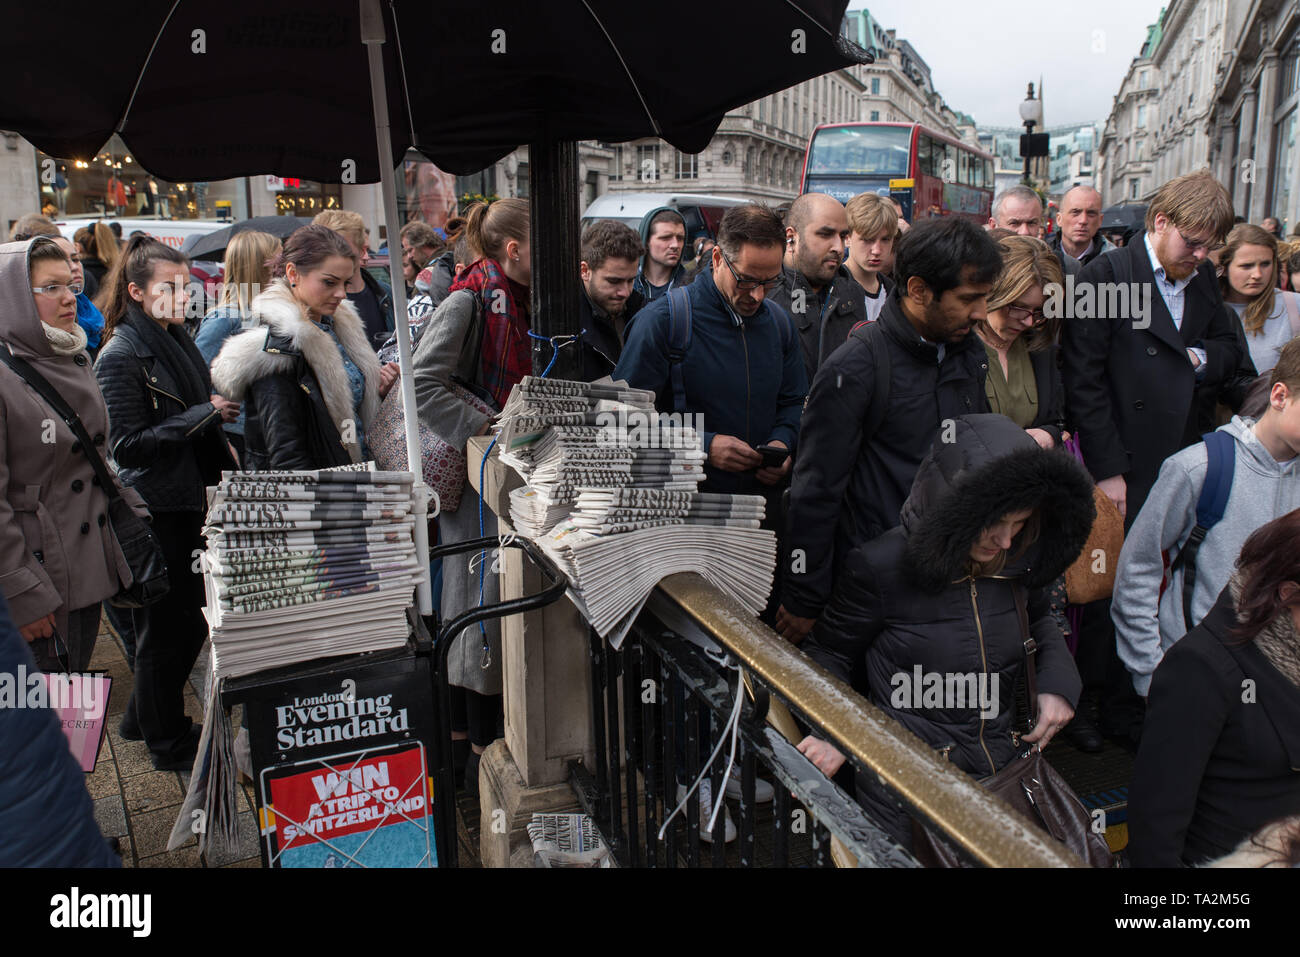 Pendler an der Hauptverkehrszeit an der Oxford-Zirkusstation, London, Großbritannien. / Commuters at rush hour at Oxford Circus station, London, UK. Stock Photo